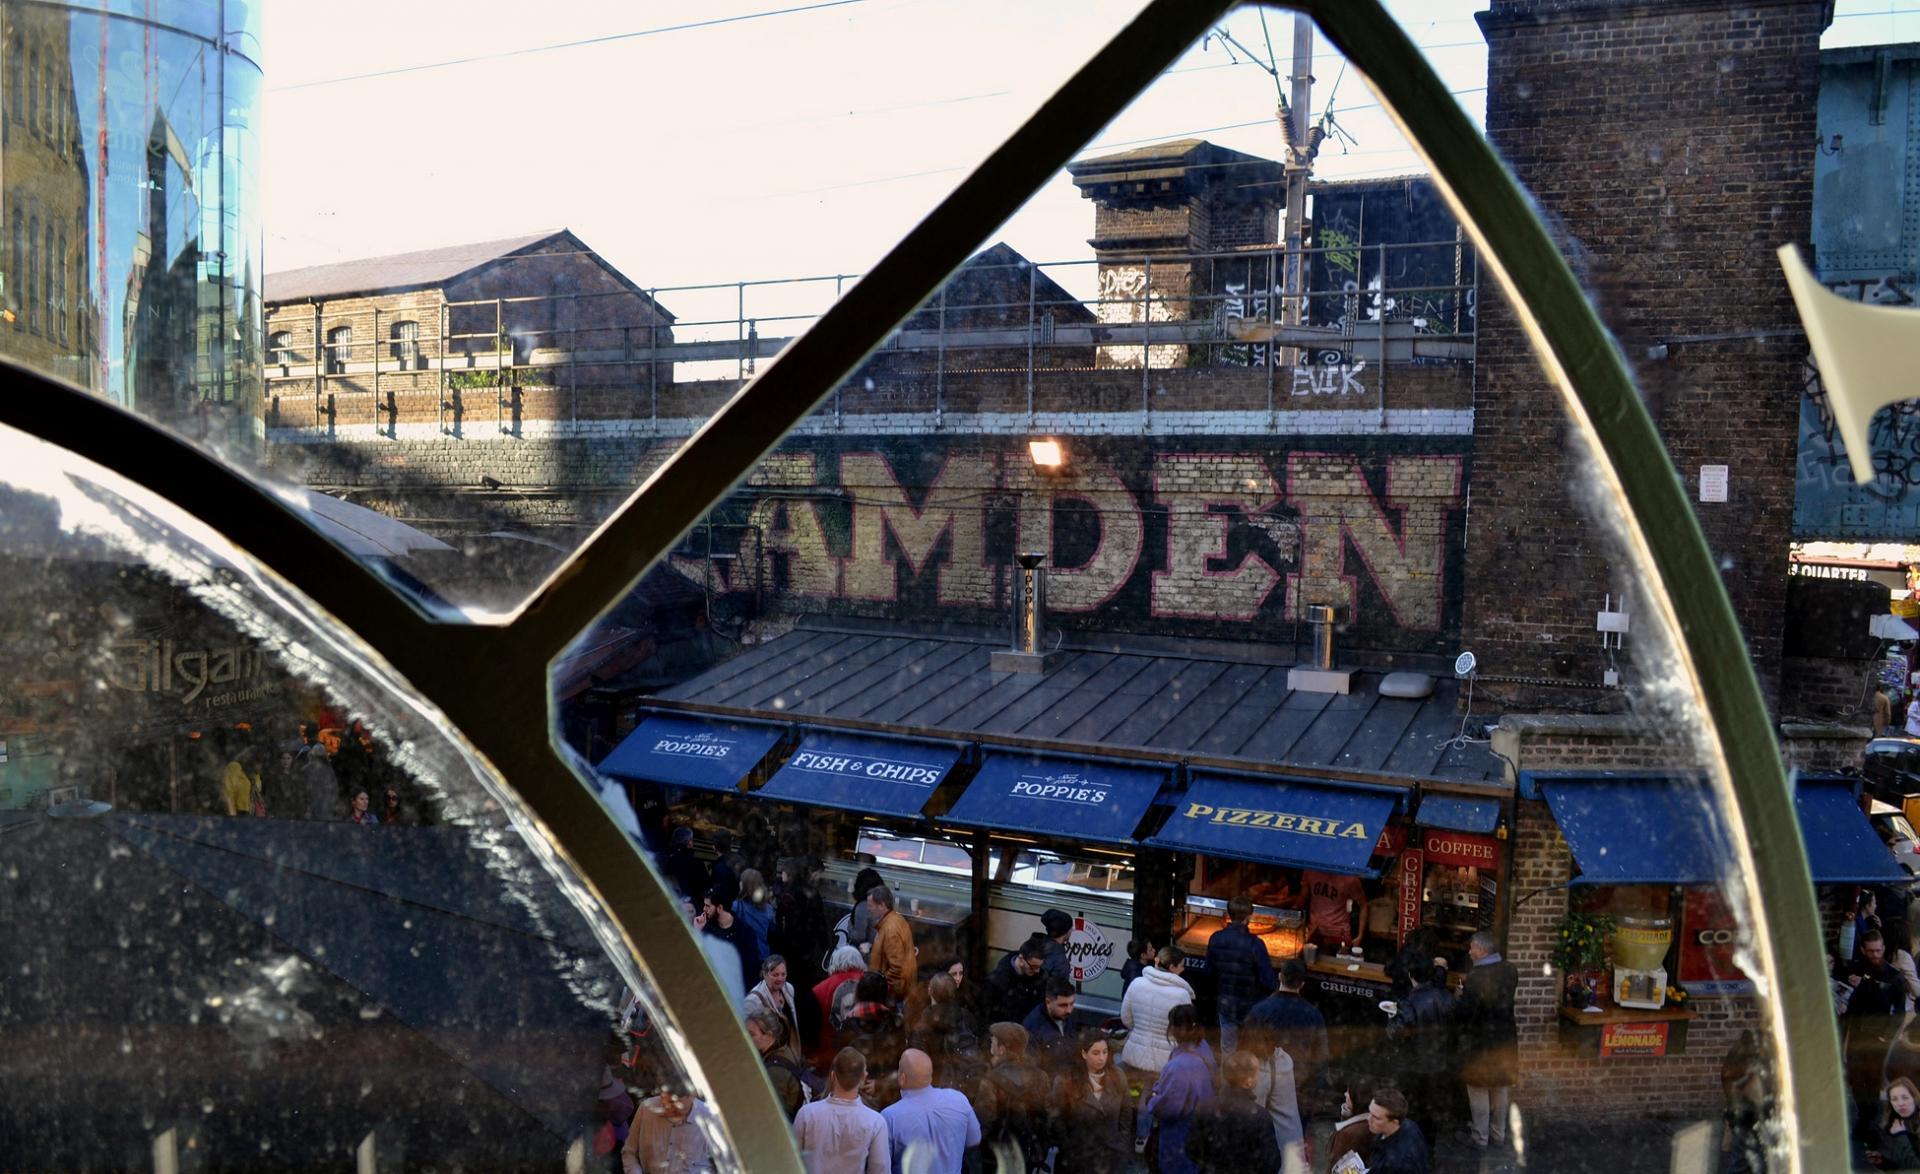 El Camden Market en Londres